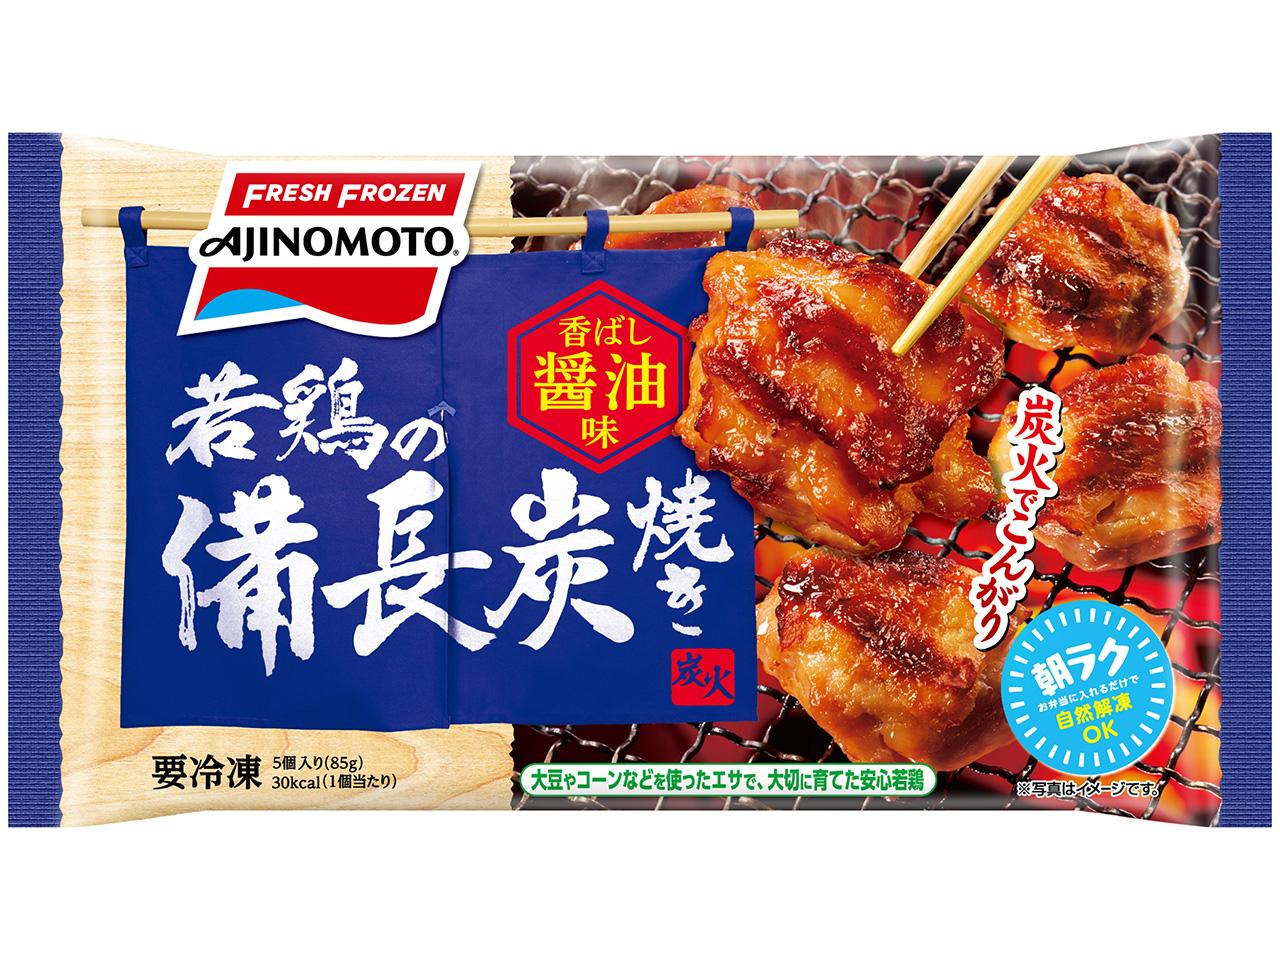 香る炭火風味「若鶏の備長炭焼き」、ヘルシーに「グリルチキン ハーブ」も(味の素冷凍食品)